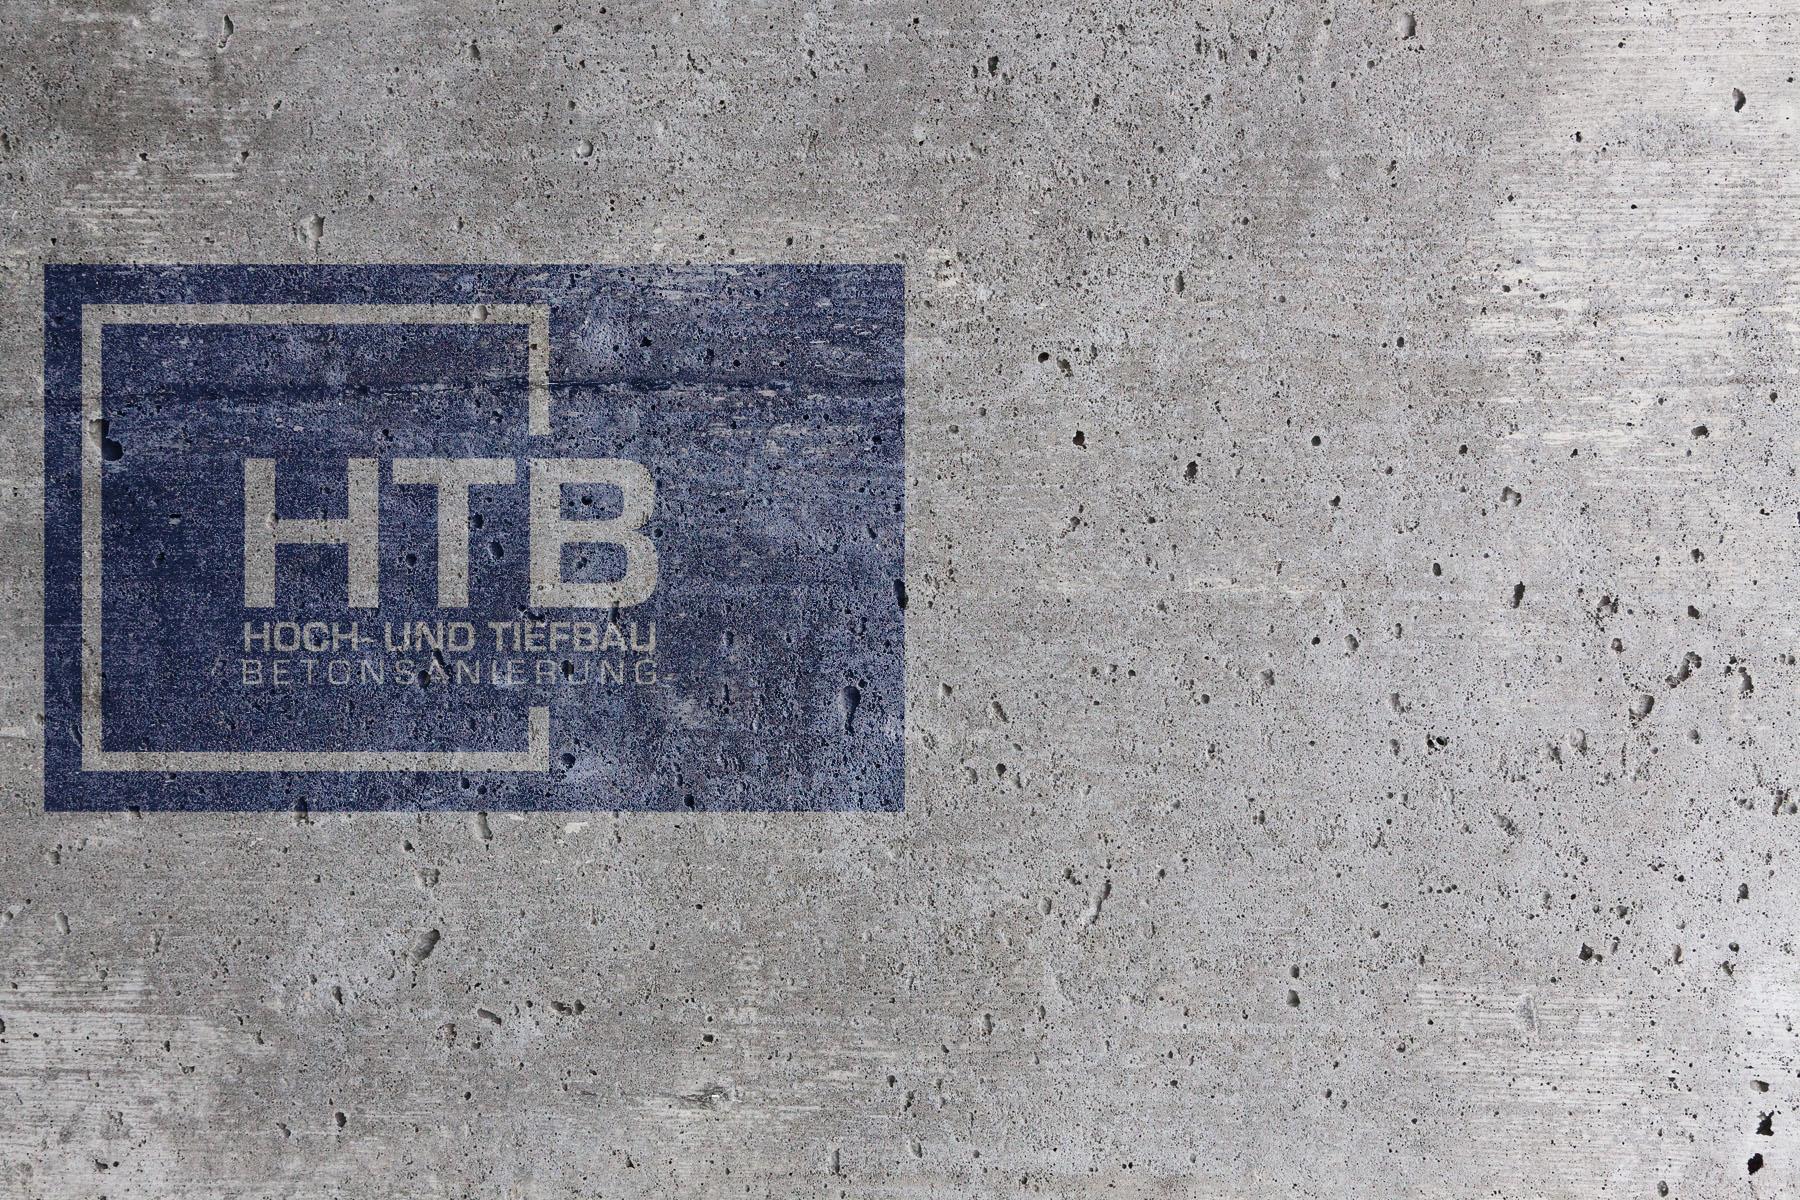 HTB Betonsanierung HTB Hoch- und Tiefbau GmbH